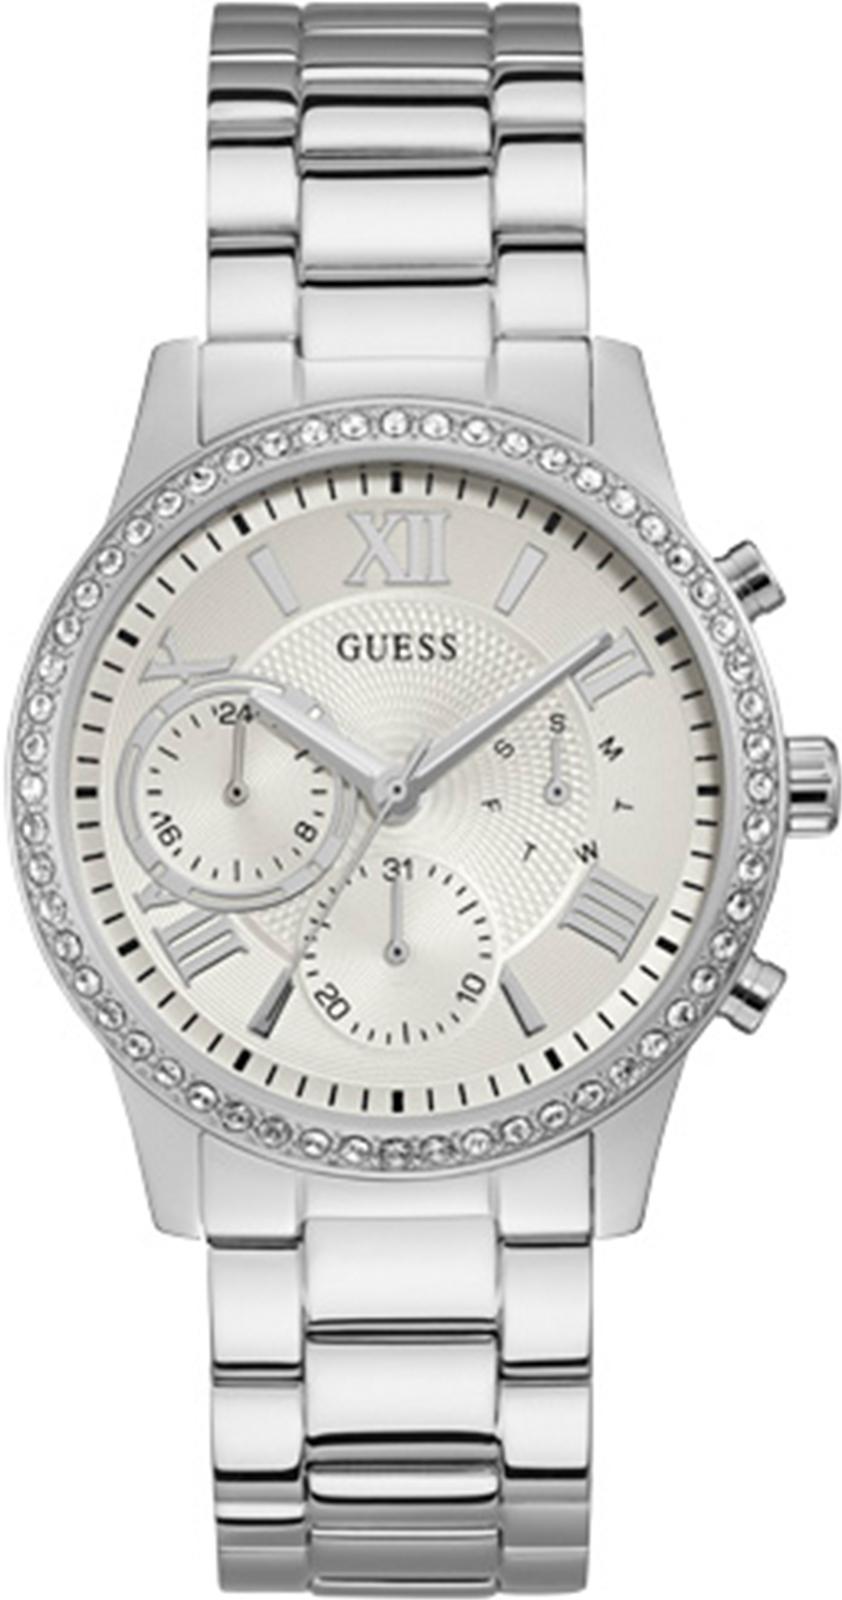 купить Часы Guess SOLAR по цене 11630 рублей